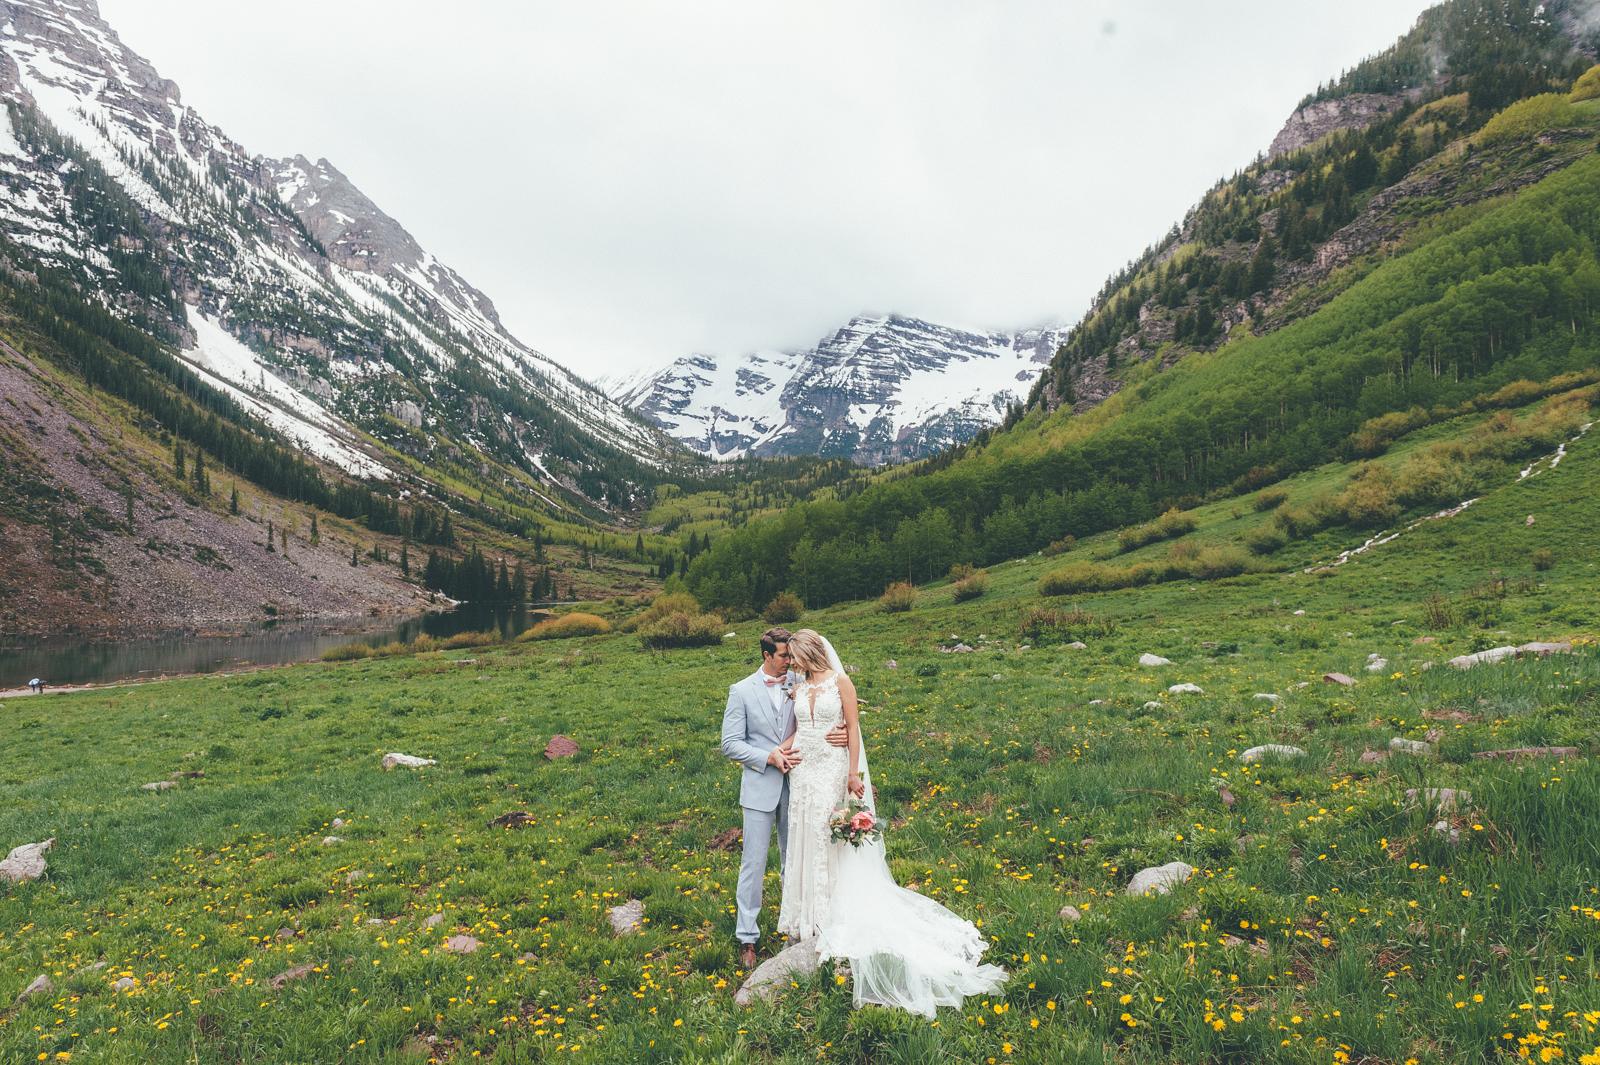 ChadFahnestockPhotography-wedding-photography-portfolio-018.jpg